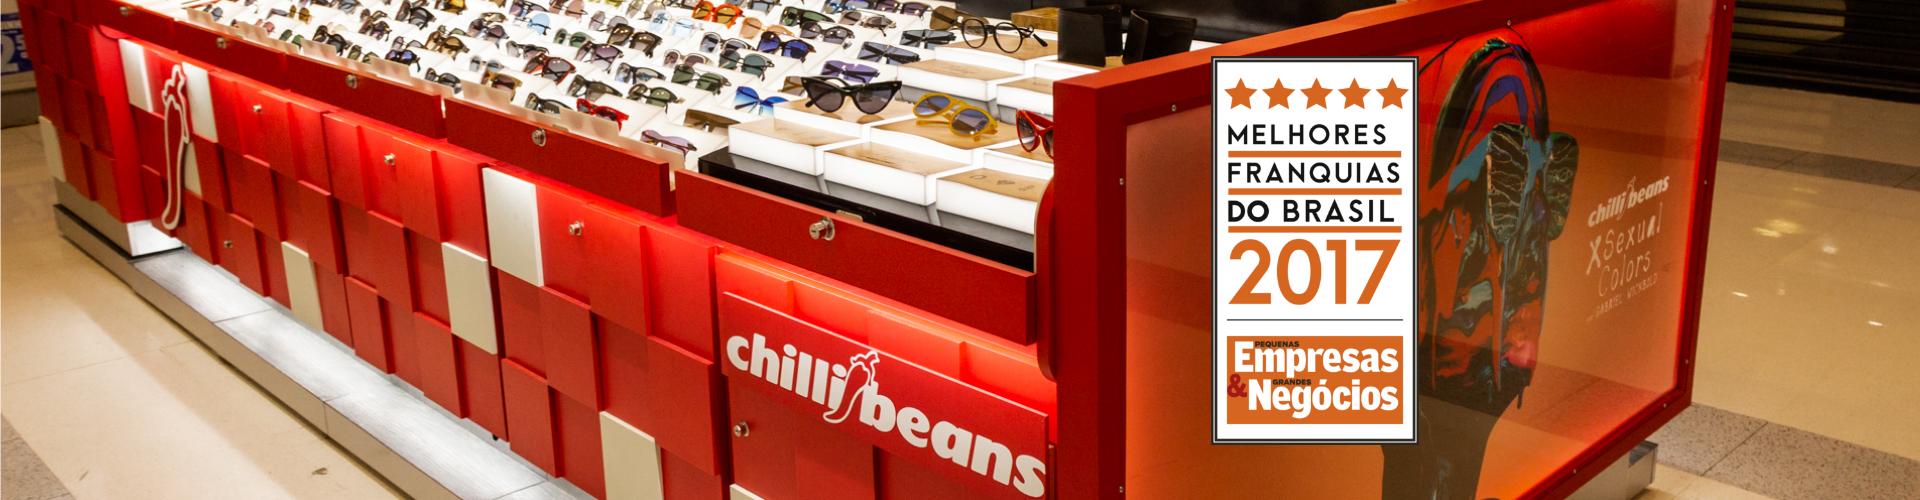 695c95a71 Seja-um-franqueado – Chilli Beans